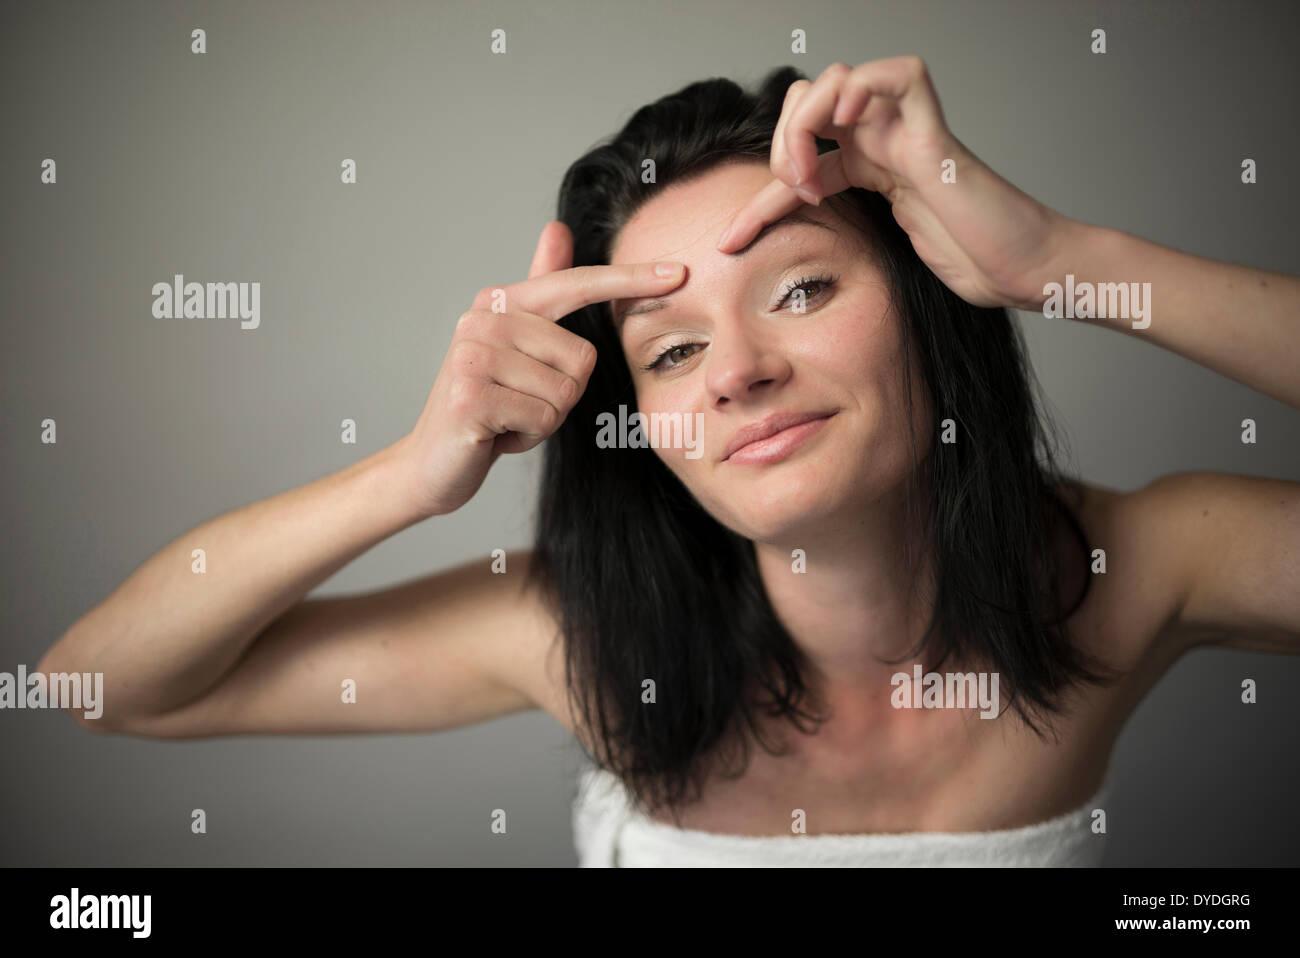 Una bella ragazza impertinente spremendo la sua fronte. Immagini Stock